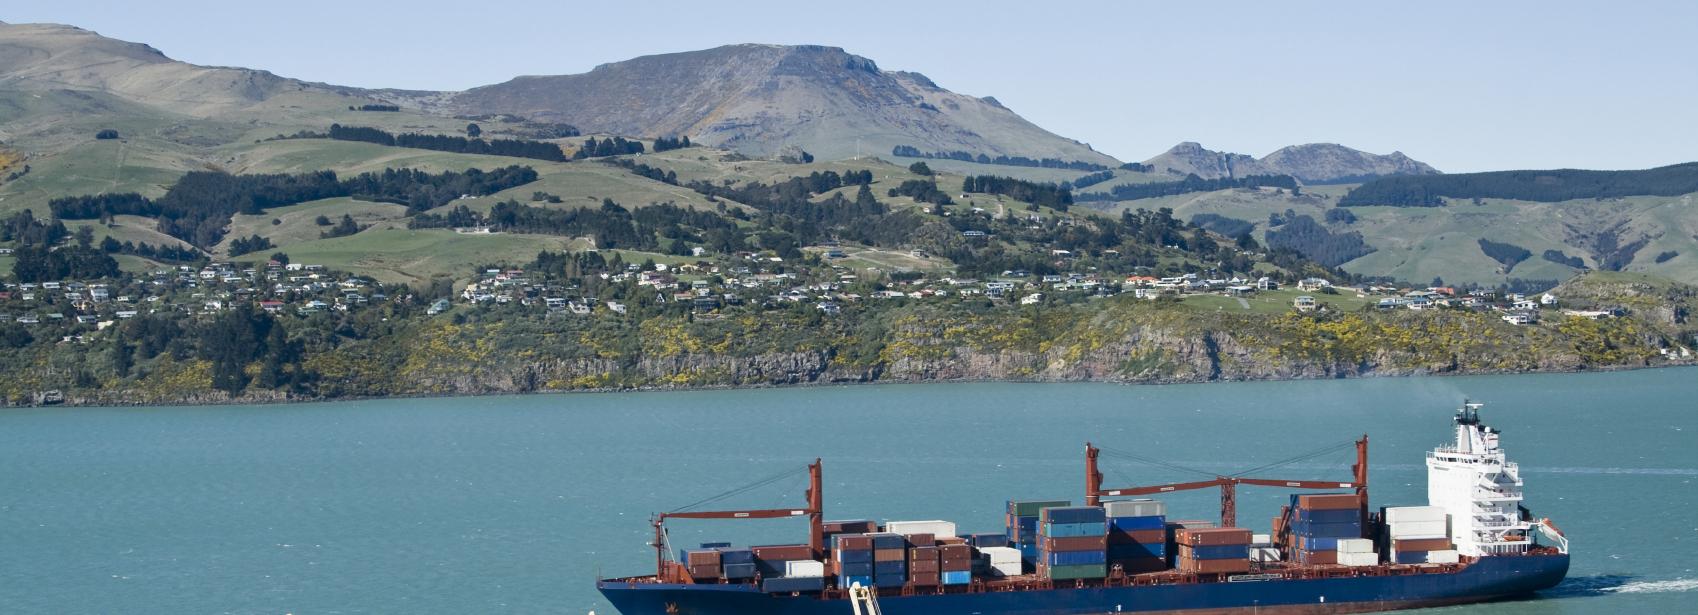 Cargo ship passes town